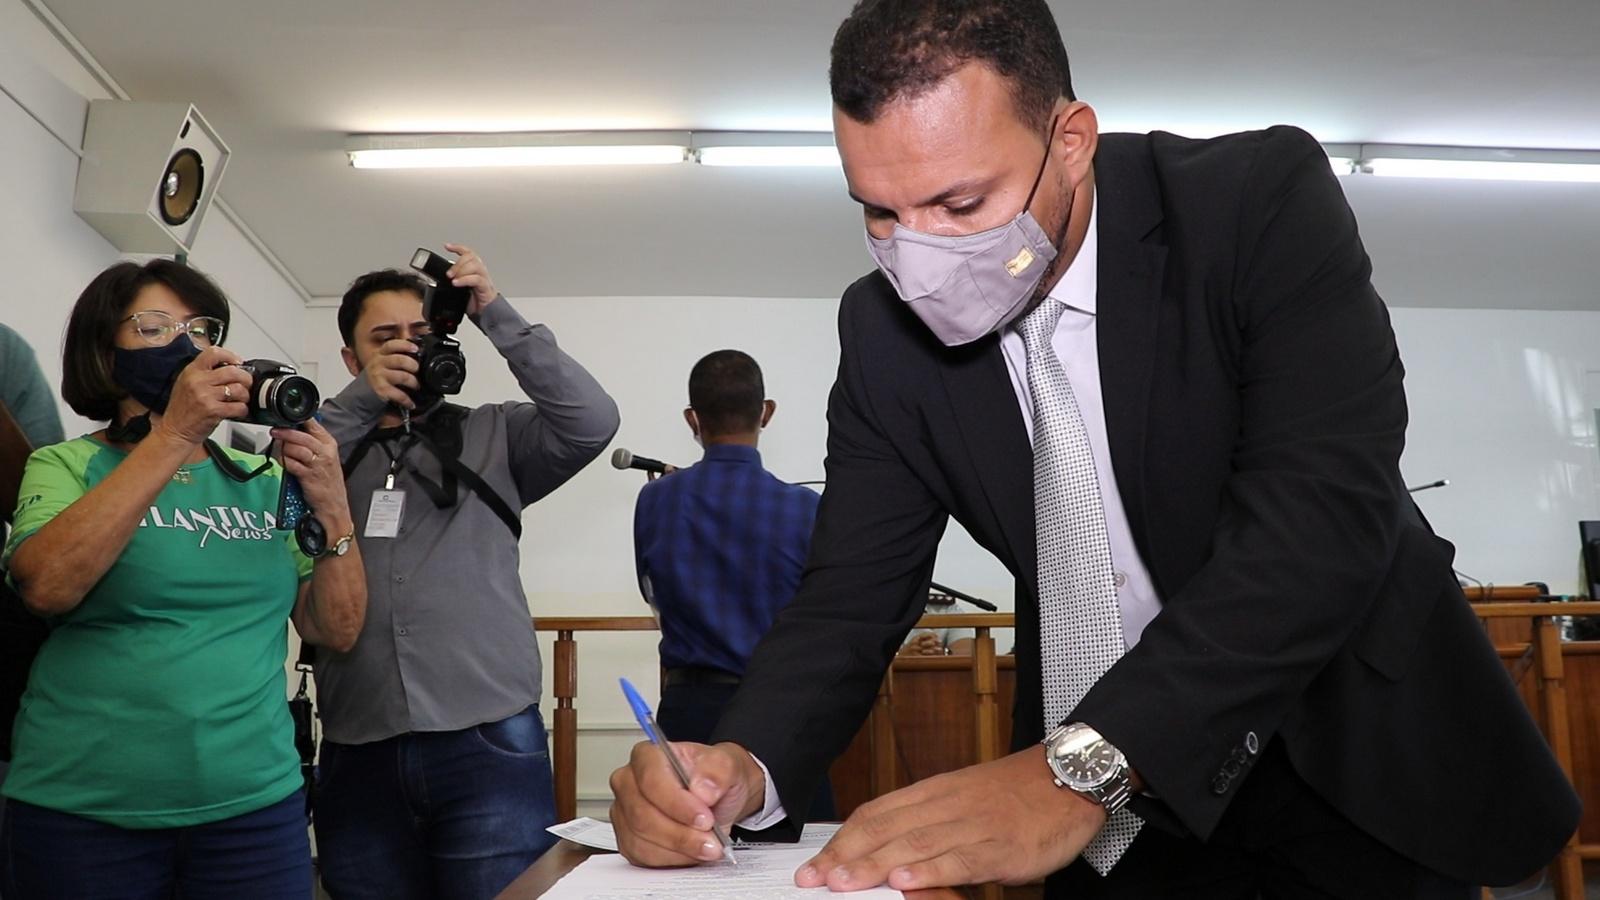 Diplomação: Juiz convoca eleitos a se pautarem pelo interesse público